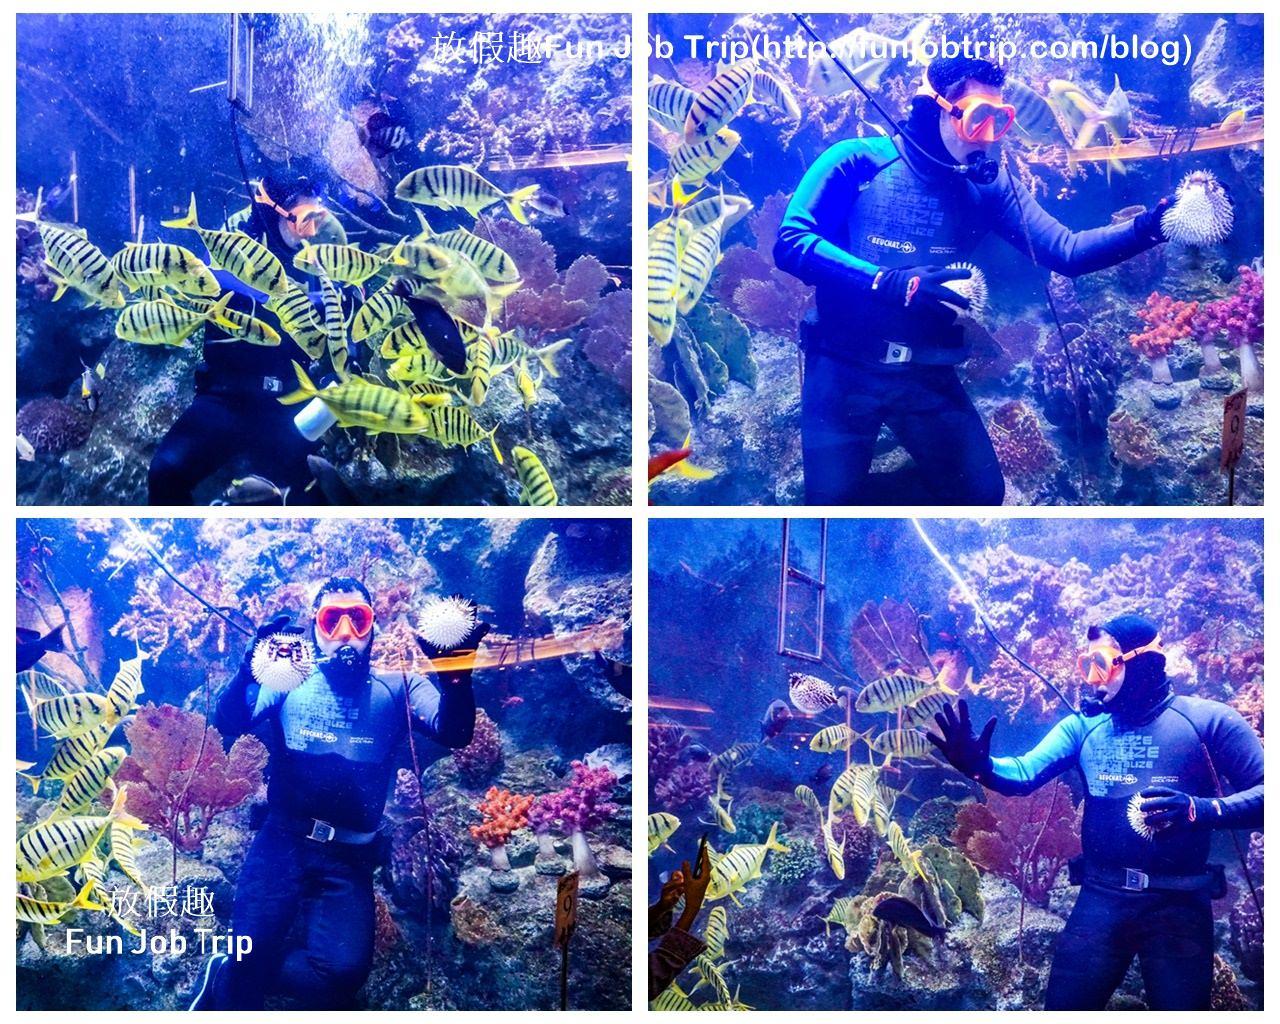 028_Copper Aquarium Restaurant.jpg